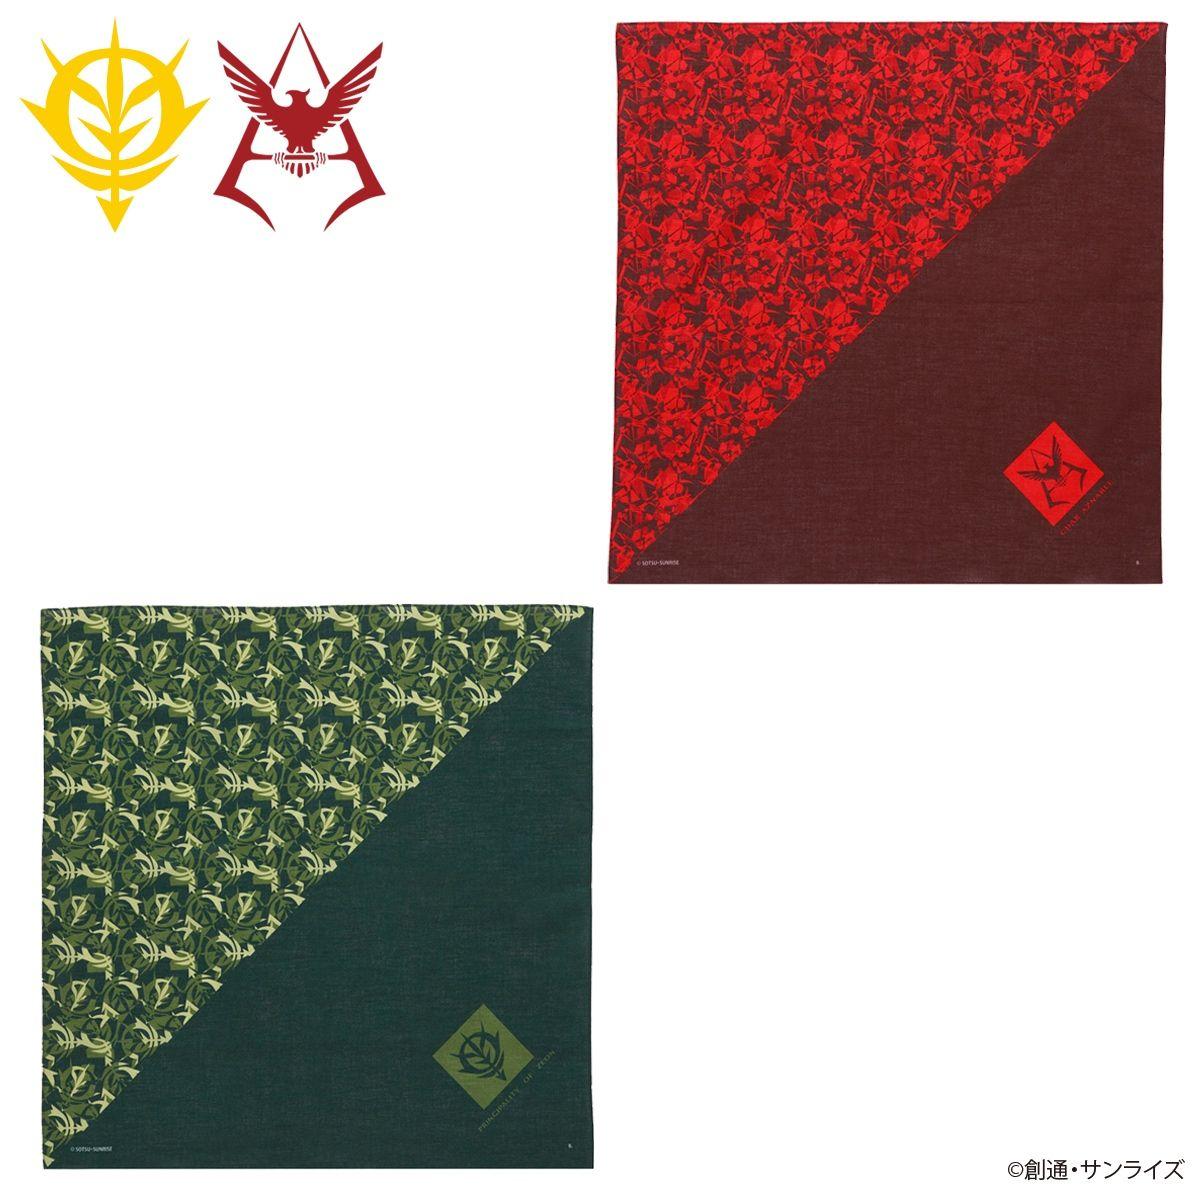 Mobile Suit Gundam Camouflage Bandana